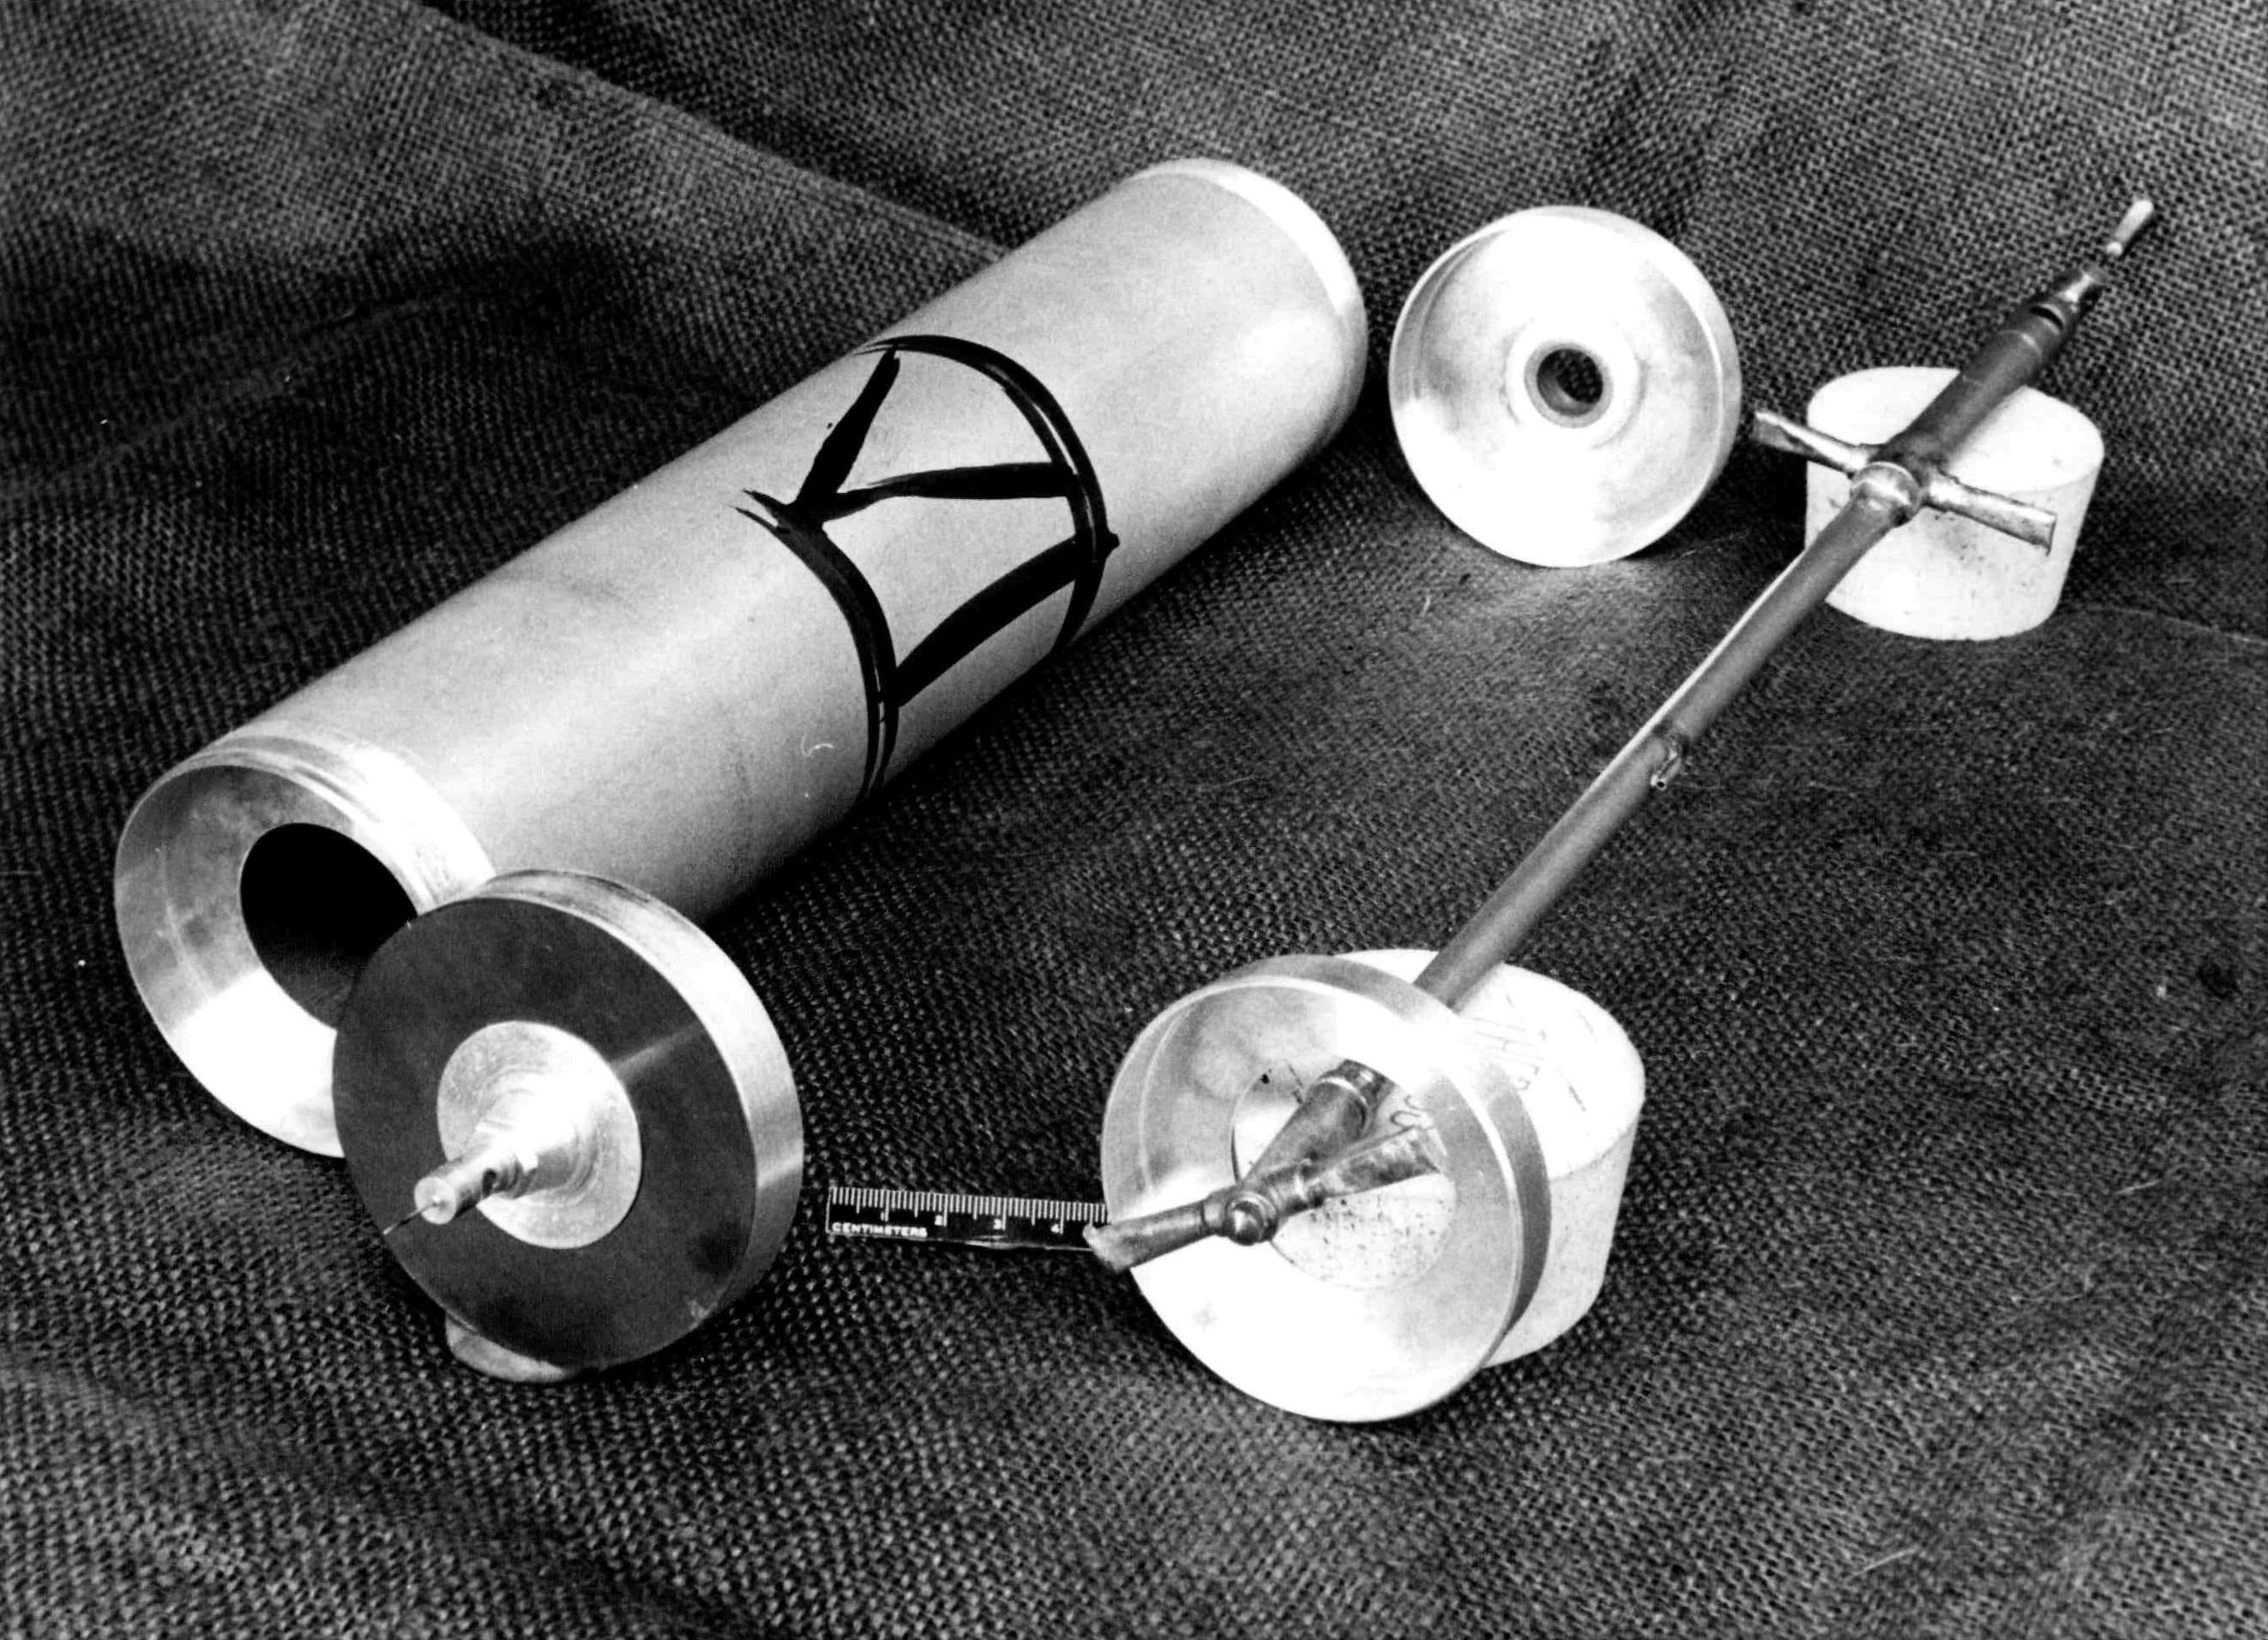 1959-Zippe-centrifuge-disassembled